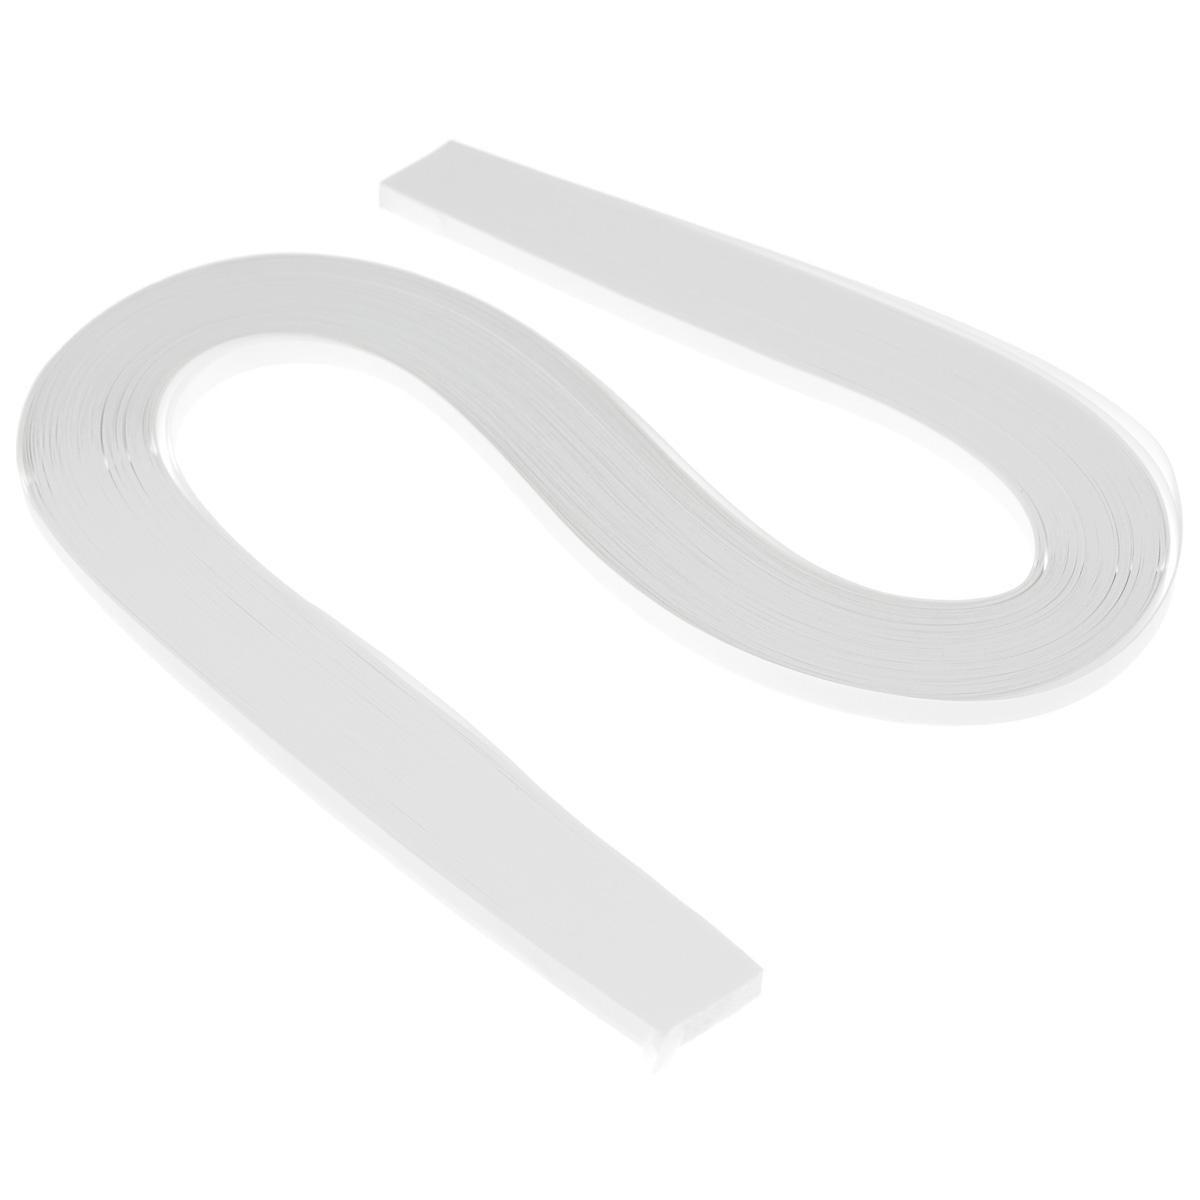 Бумага для квиллинга Рукоделие, цвет: белый, ширина 0,5 см, длина 54 см, 120 шт315028_011Бумага для квиллинга Рукоделие - это порезанные специальным образом полоски бумаги определенной плотности. Такая бумага пластична, не расслаивается, легко и равномерно закручивается в спираль, благодаря чему готовым спиралям легче придать форму. Квиллинг (бумагокручение) - техника изготовления плоских или объемных композиций из скрученных в спиральки длинных и узких полосок бумаги. Из бумажных спиралей создаются необычные цветы и красивые витиеватые узоры, которые в дальнейшем можно использовать для украшения открыток, альбомов, подарочных упаковок, рамок для фотографий и даже для создания оригинальных бижутерий. Это простой и очень красивый вид рукоделия, не требующий больших затрат. Длина полоски бумаги: 54 см. Ширина полоски бумаги: 5 мм.